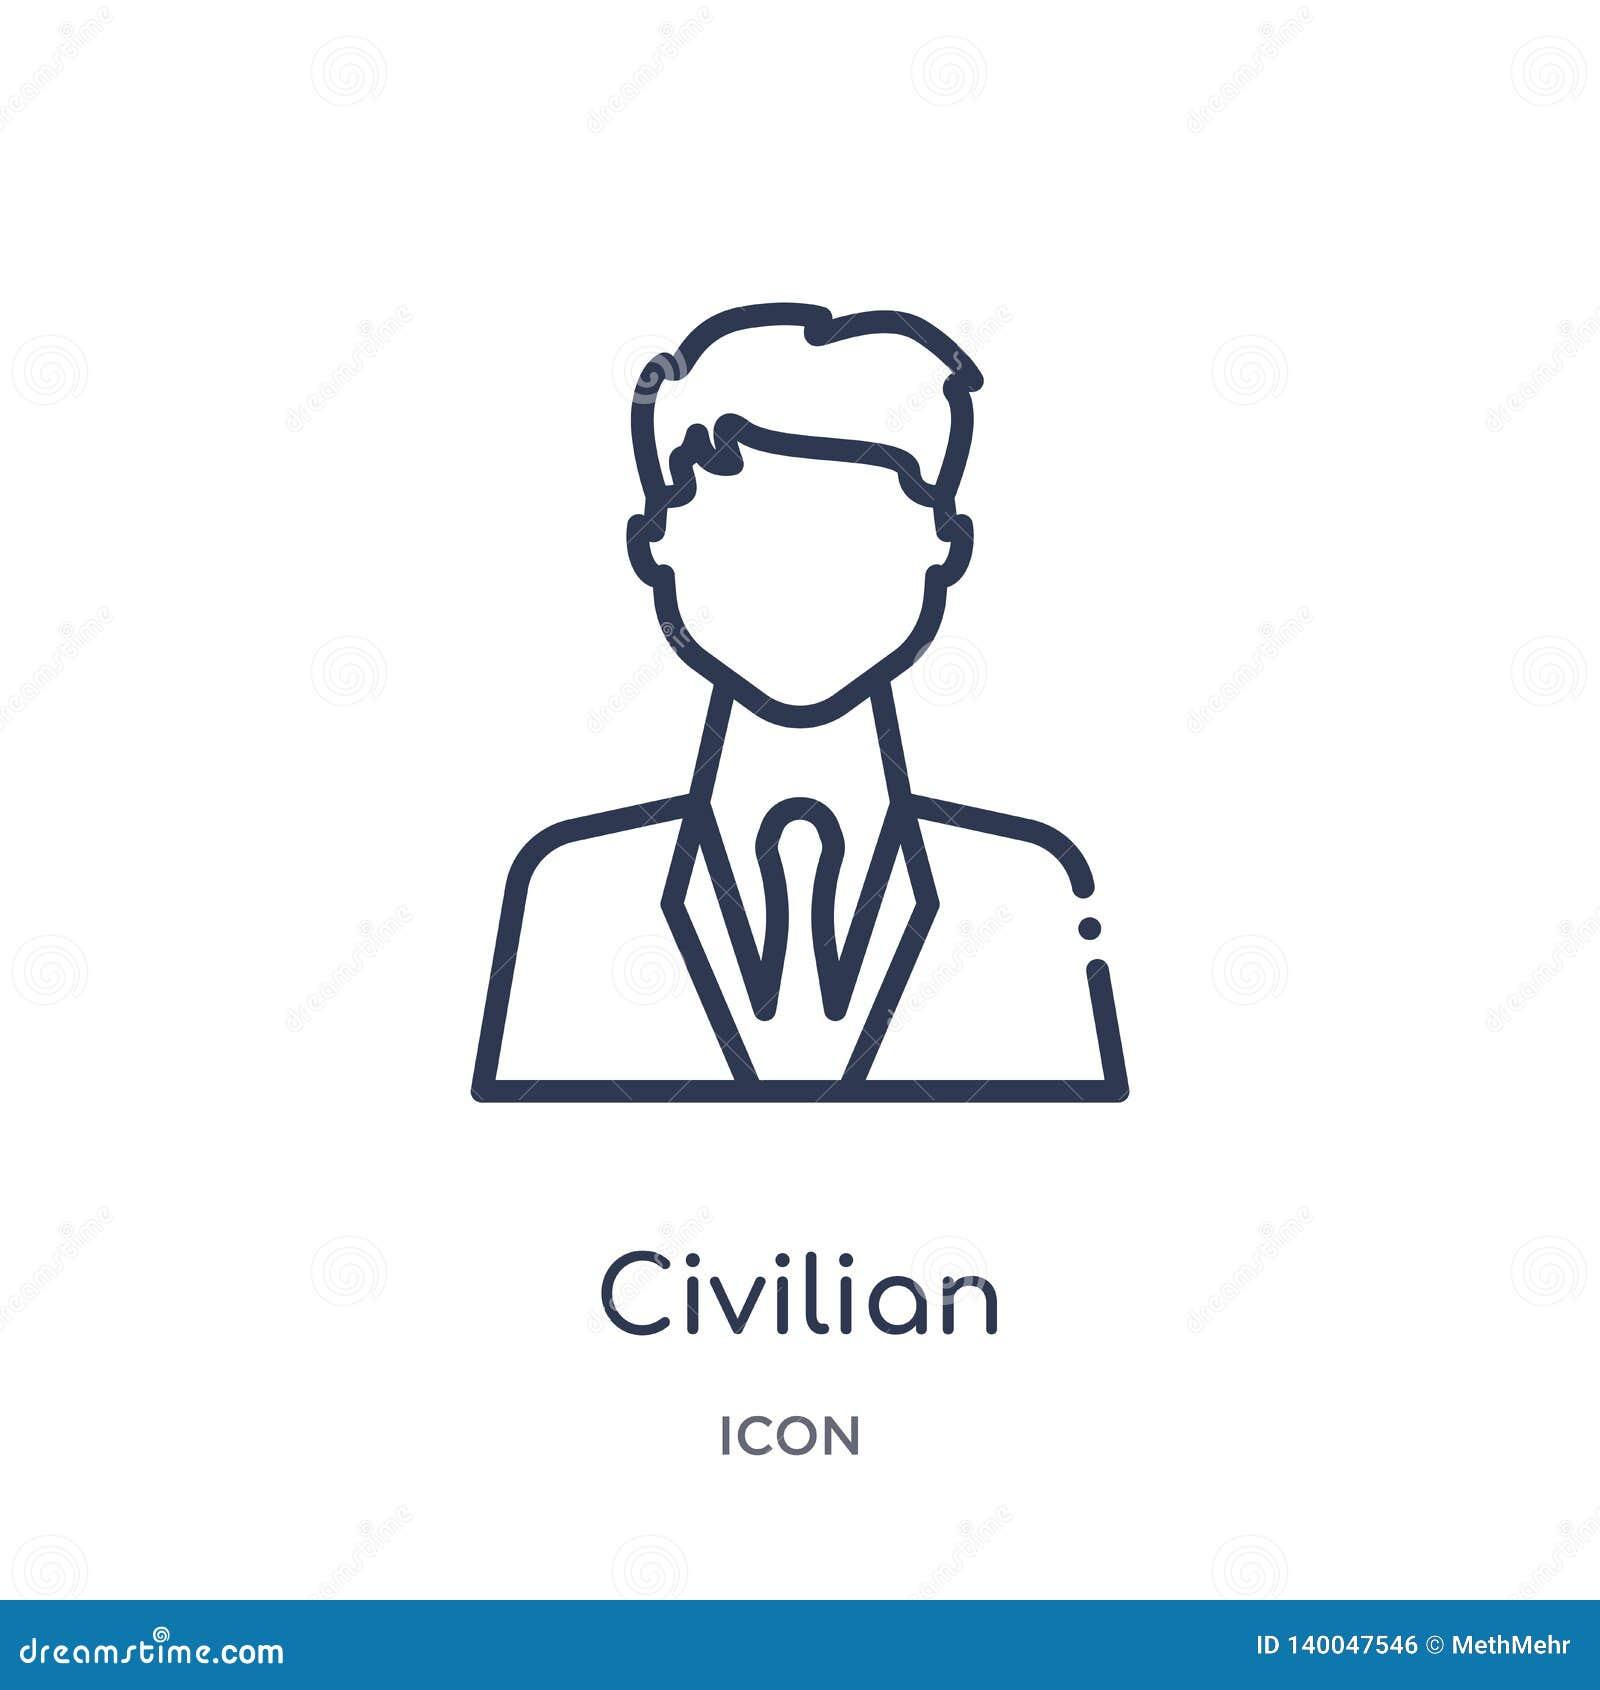 Ícone civil linear da coleção do esboço do exército e da guerra Linha fina vetor civil isolado no fundo branco na moda civil